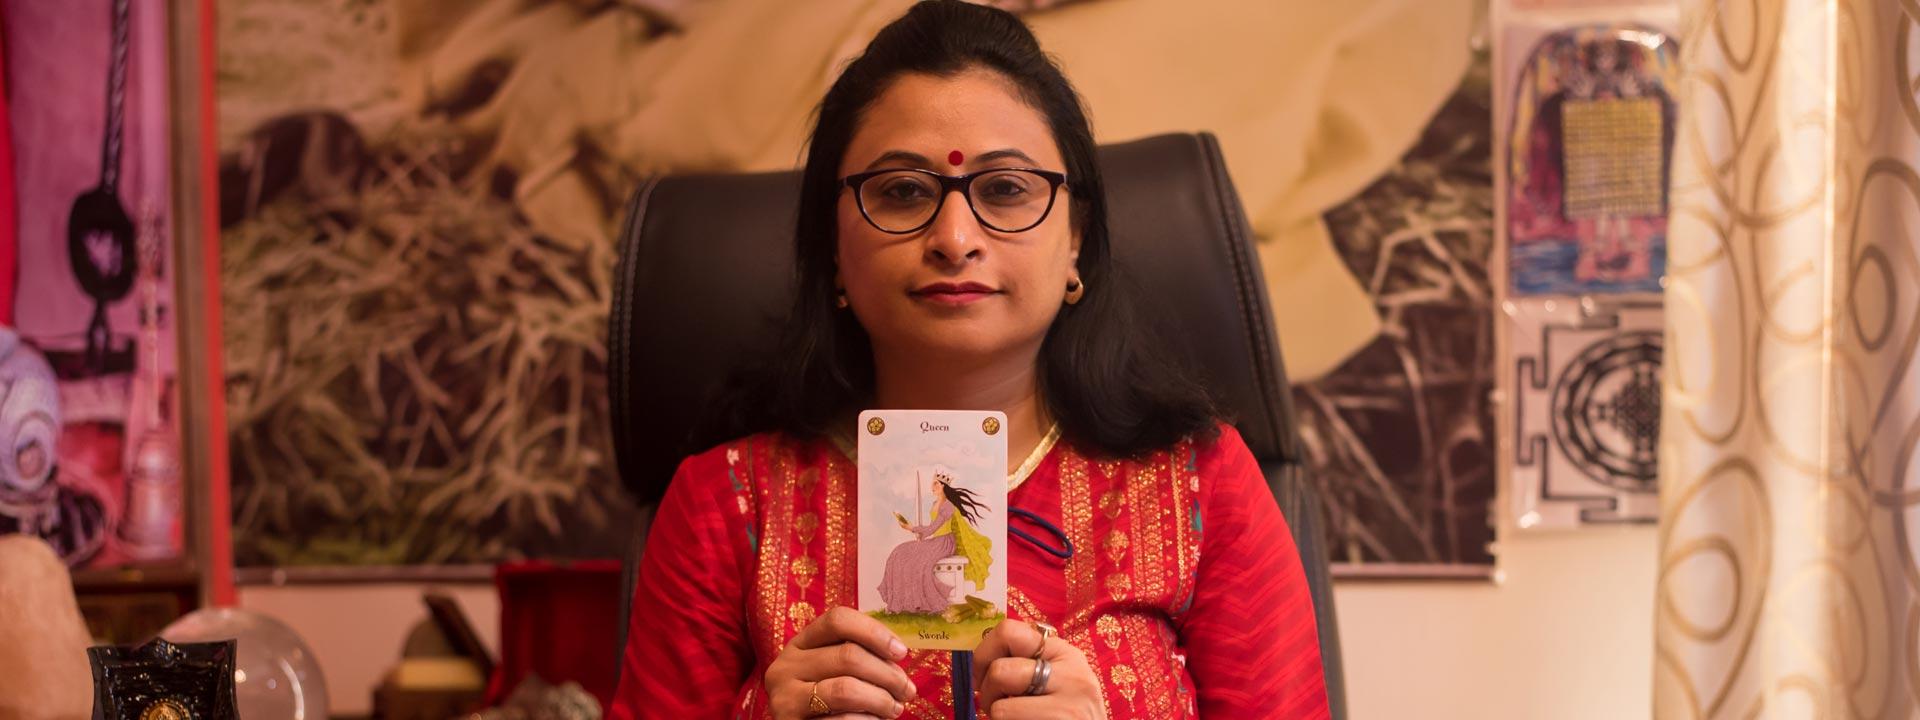 Tarot card reader in Noida Uttar Pradesh India